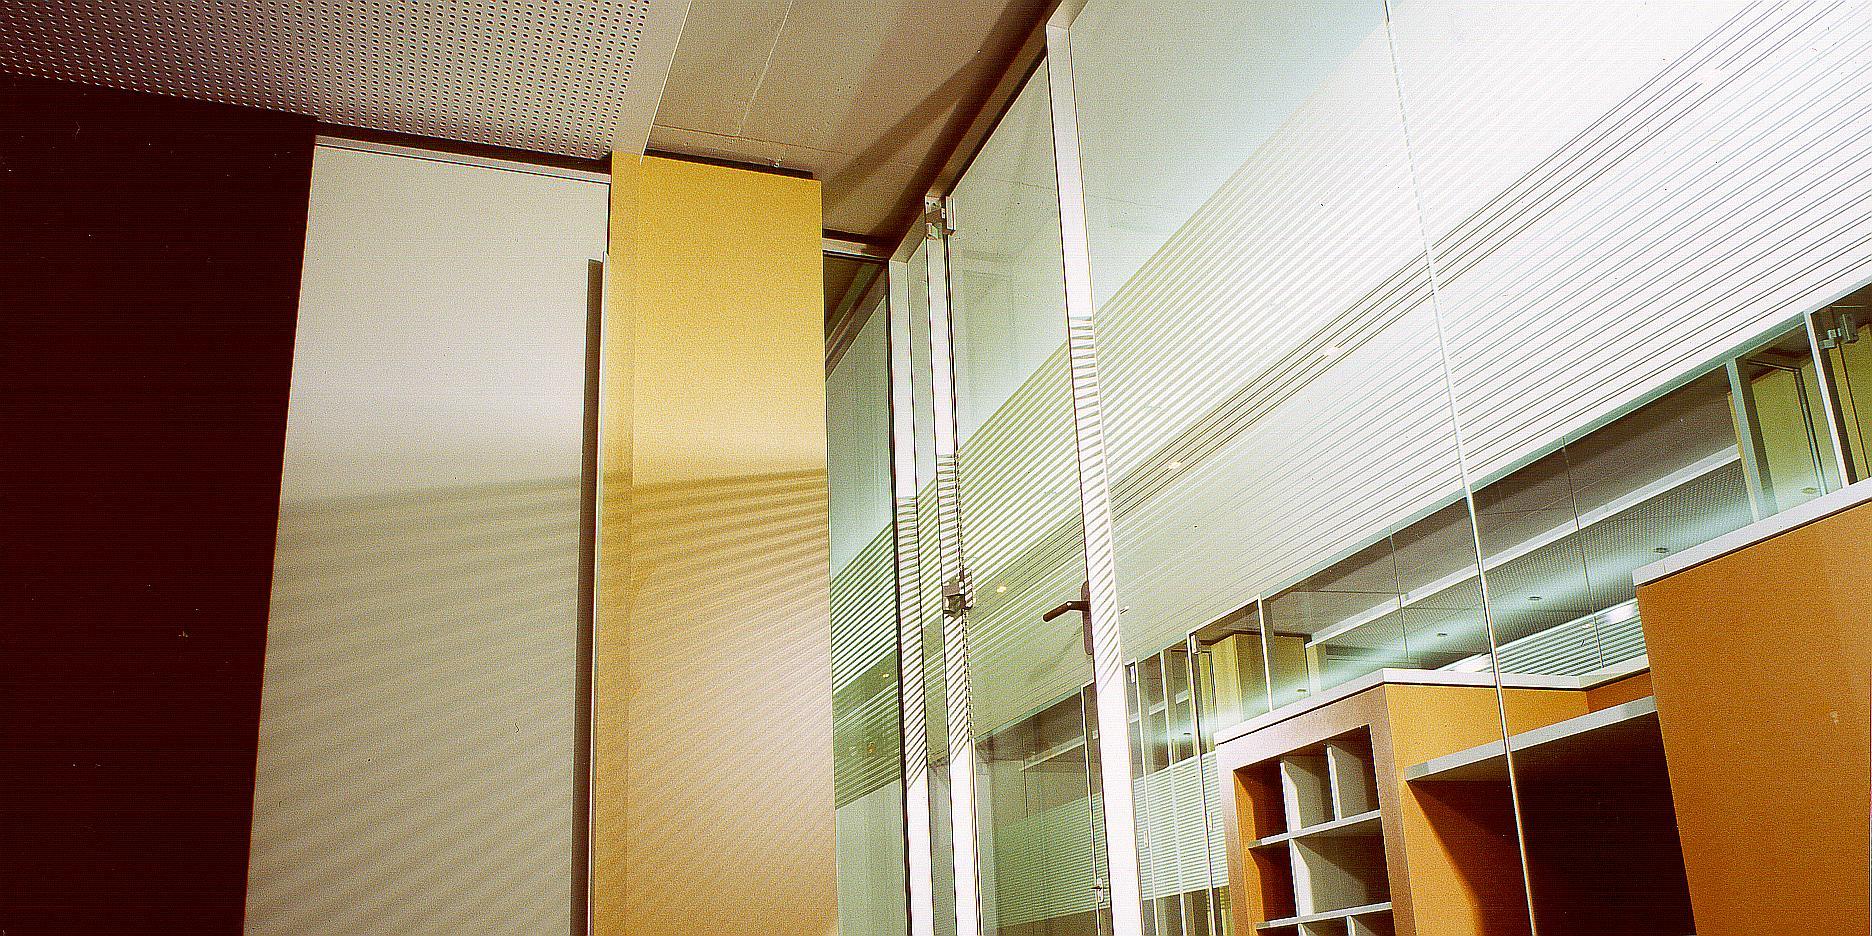 Architekten Frankfurt – Umbau und Neugestaltung Büroetage für G.F.M.O. in Frankfurt Sachsenhausen, Architekturbüro Frick.Reichert Architekten